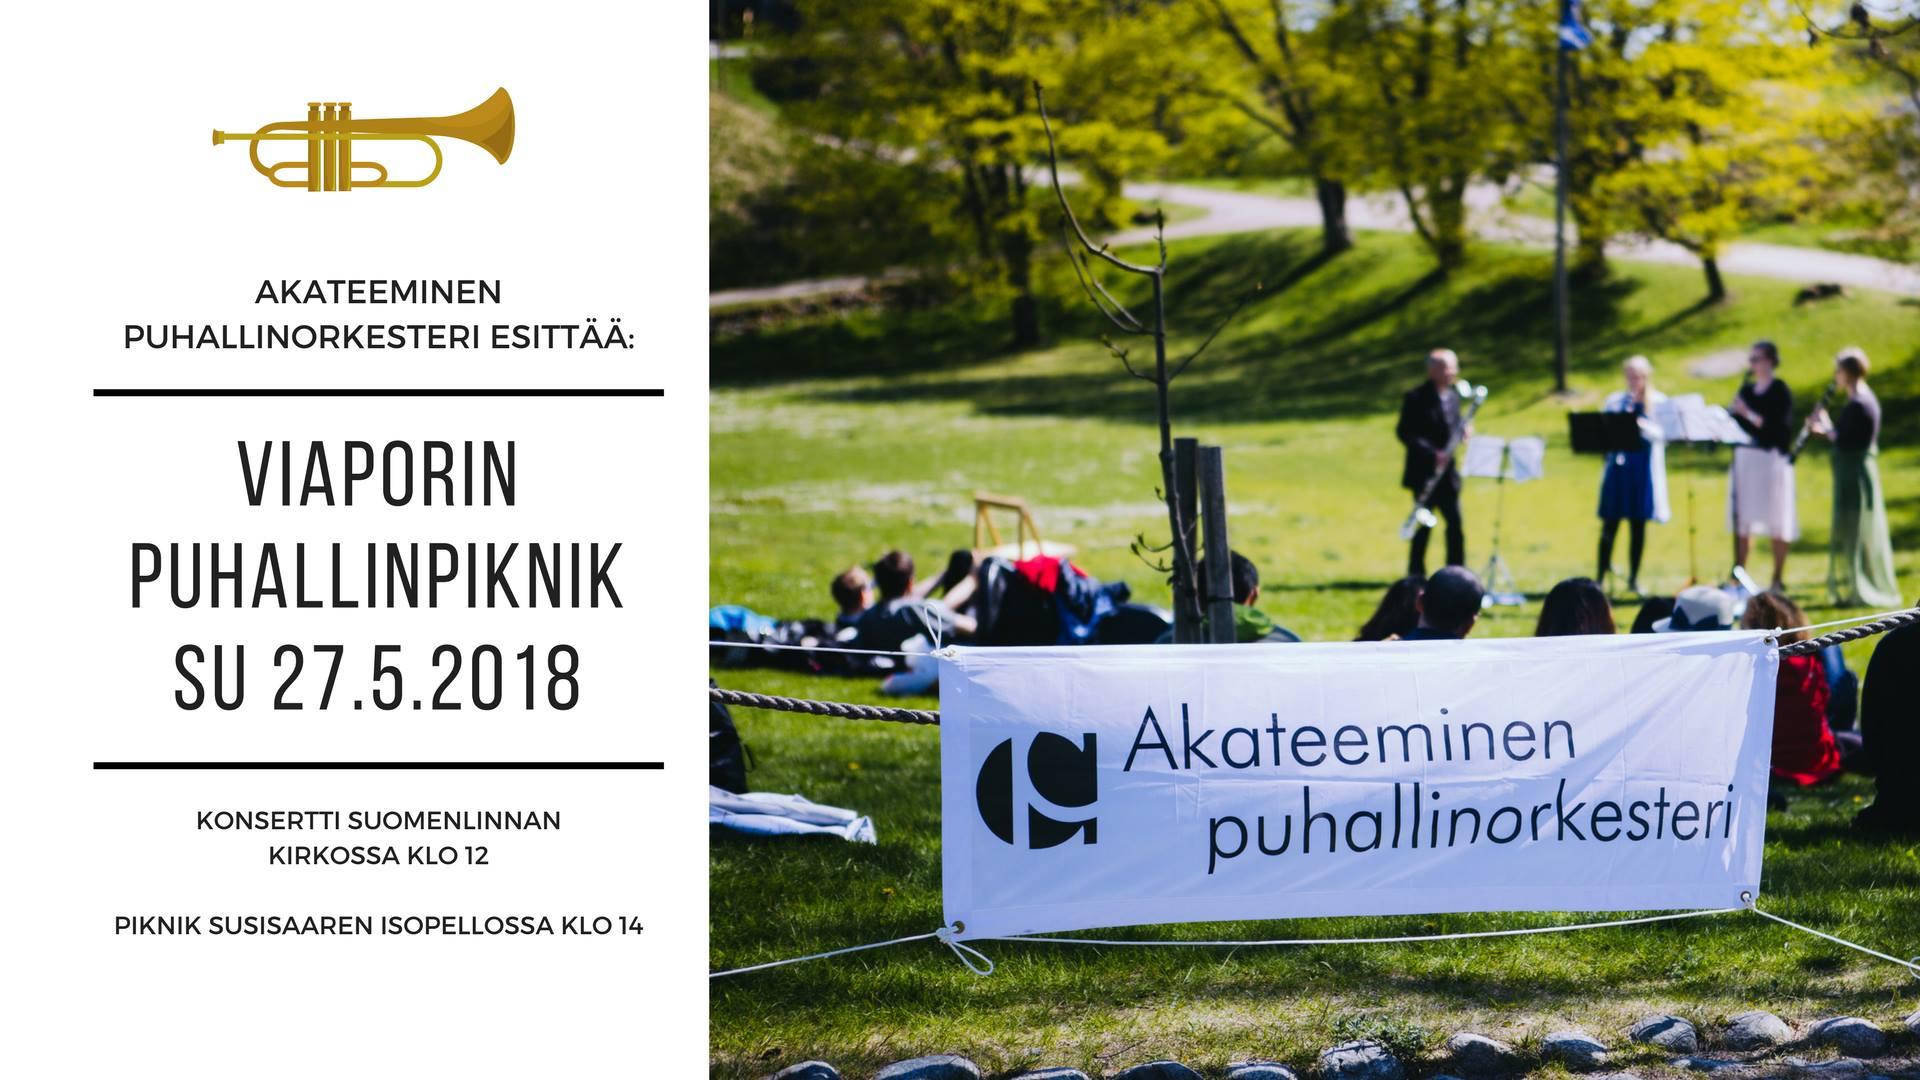 Mainos, jossa kuva ja tekstiä liittyen 27.5.2018 Akateemisen puhallinorkesterin konserttipäivään Suomenlinnassa